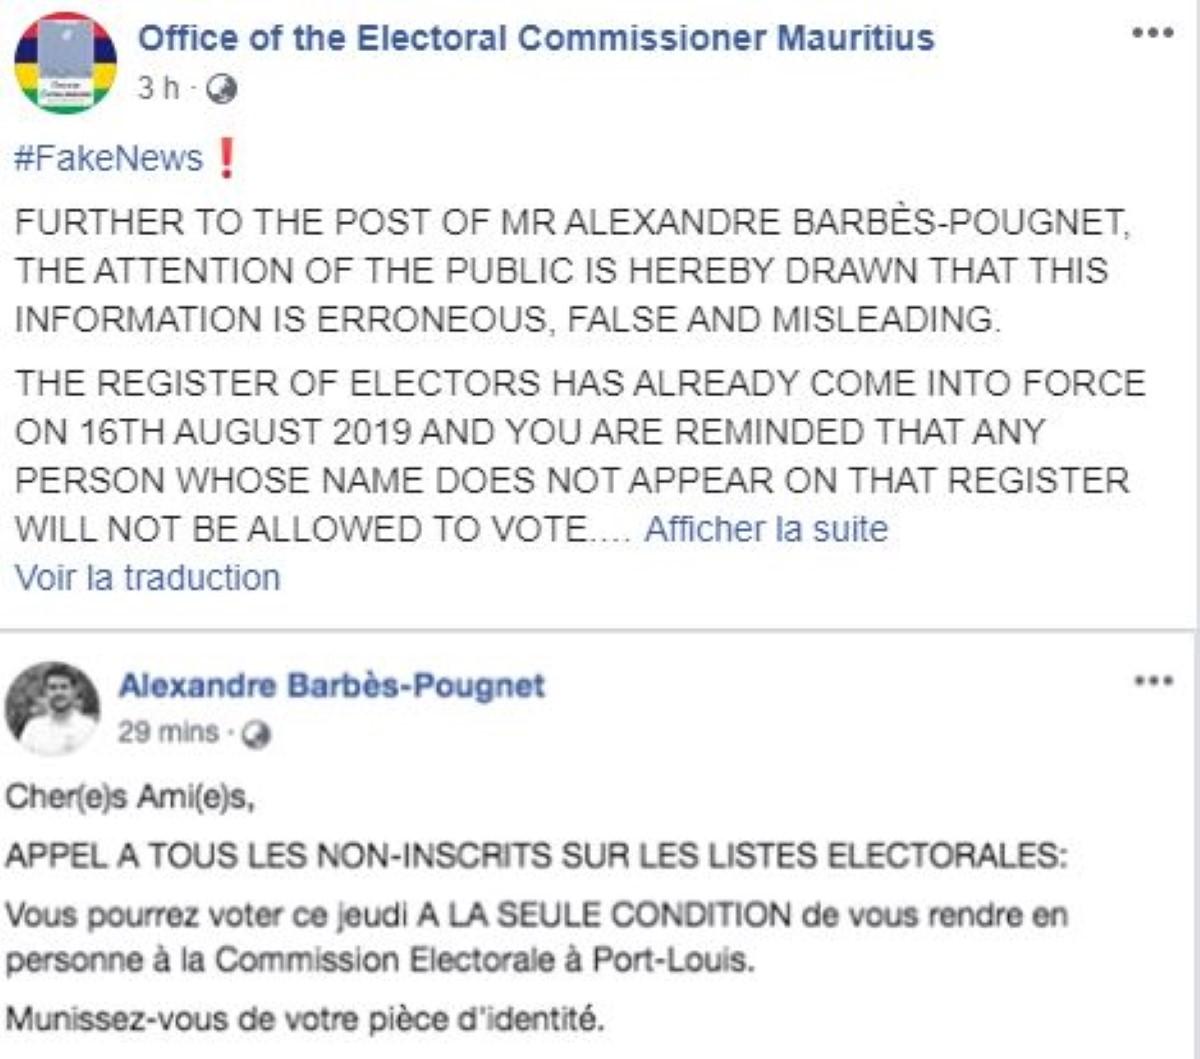 Le candidat Alexandre Barbès-Pougnet victime de piratage ?